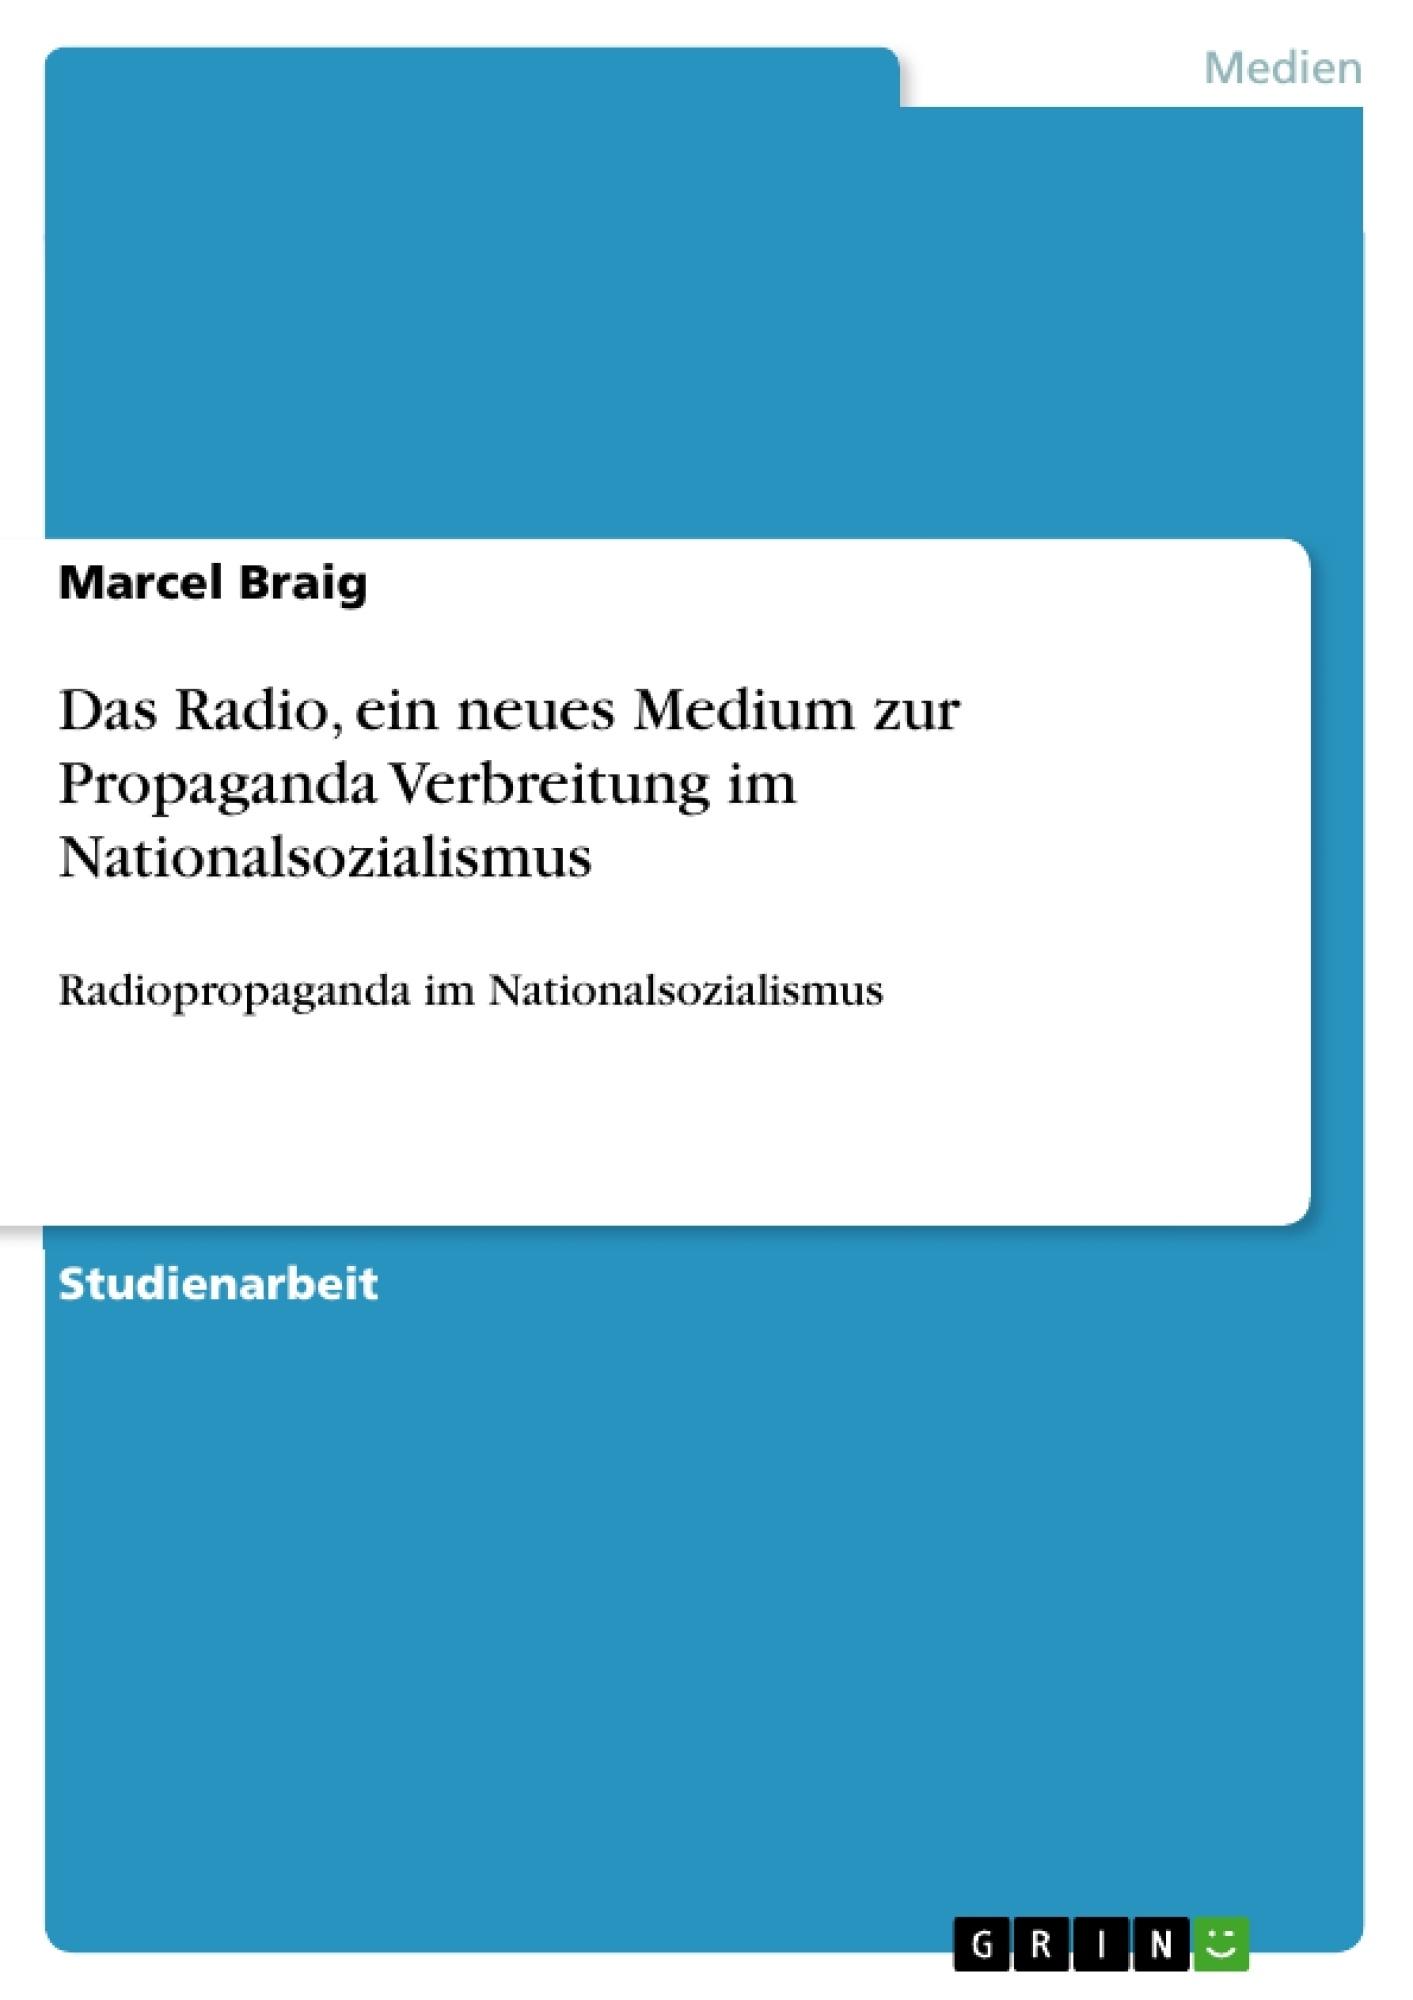 Titel: Das Radio, ein neues Medium zur Propaganda Verbreitung im Nationalsozialismus